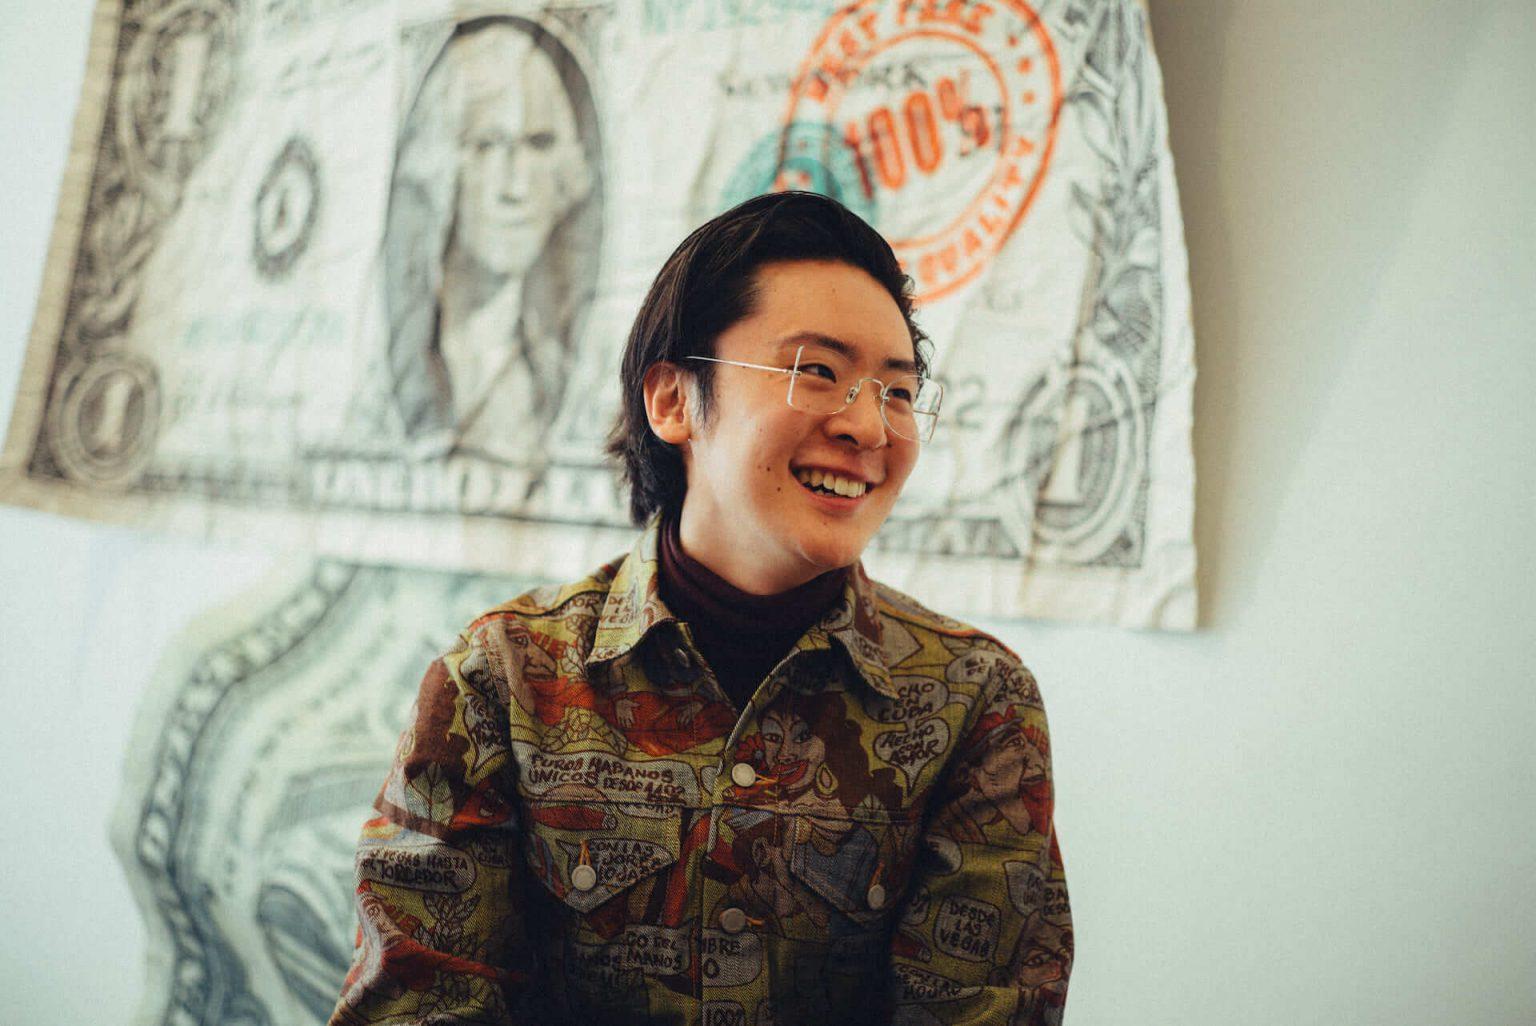 ジュエリーデザイナー「KOTA OKUDA」のNYC散策ルート。チェルシーの骨董市から、ハーレムのストリートで受けとる音と刺激